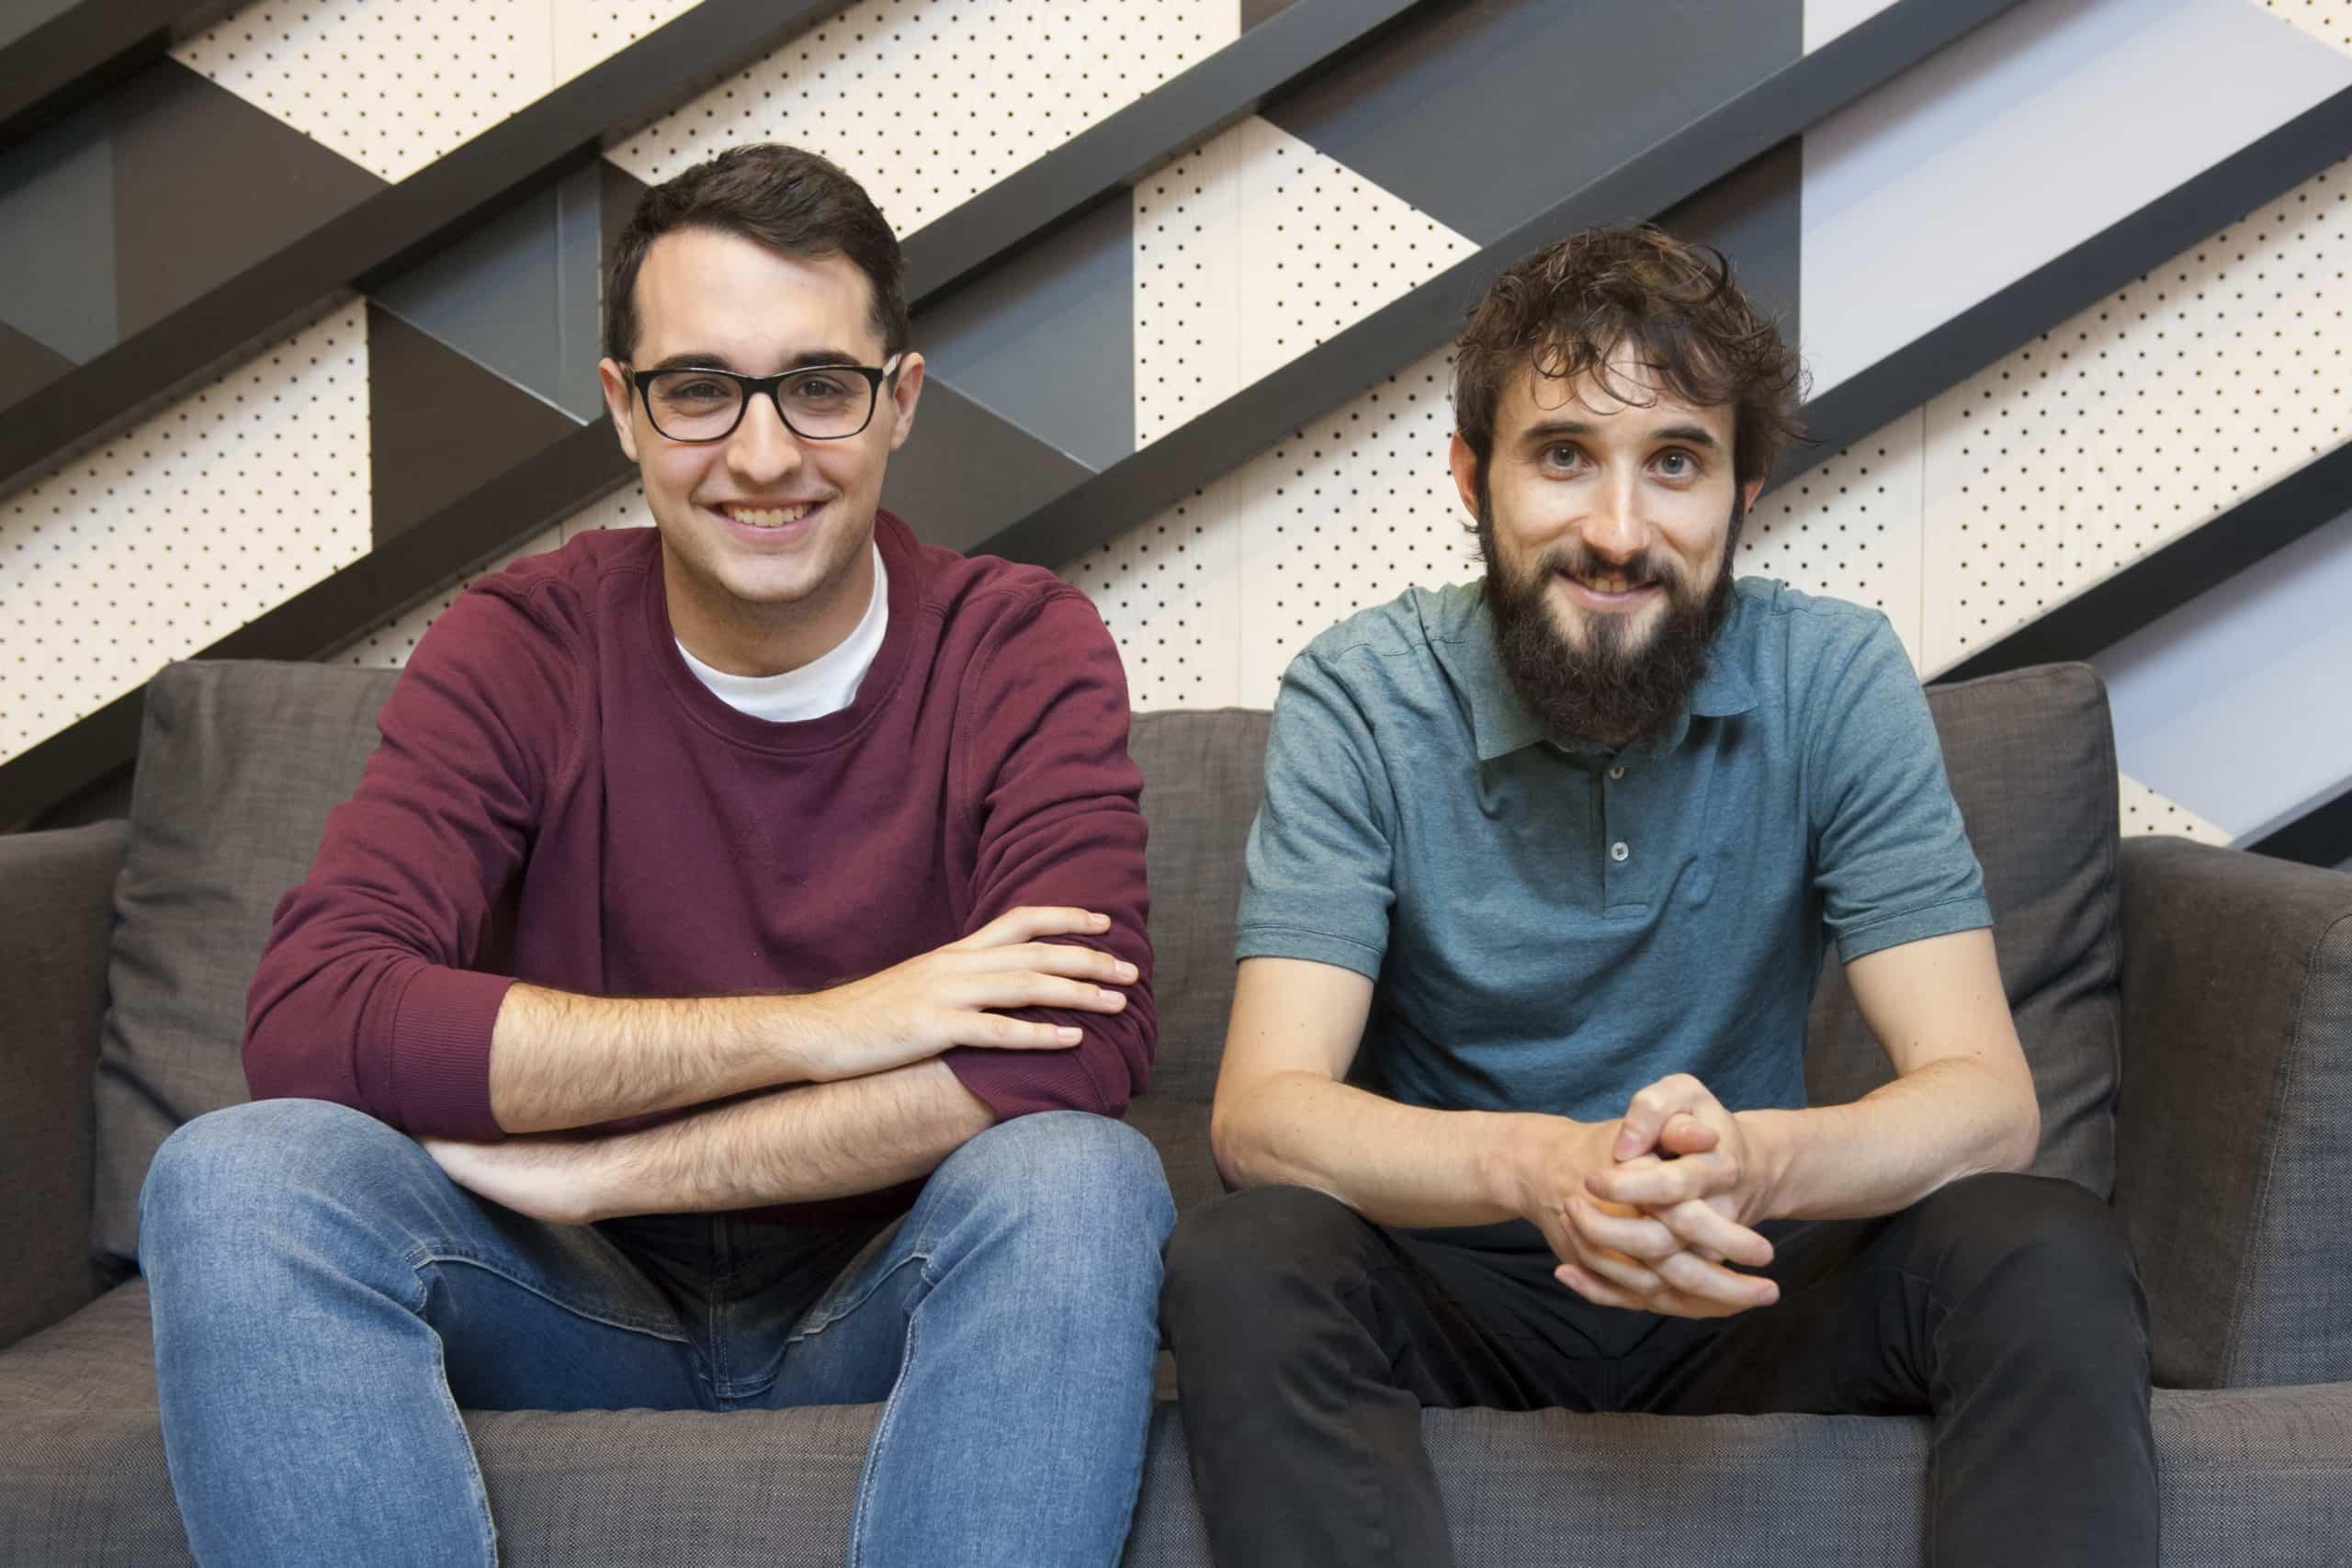 El herenciano David Carrero invierte con Automattic, creadores de WordPress.com, en la plataforma Frontity 9